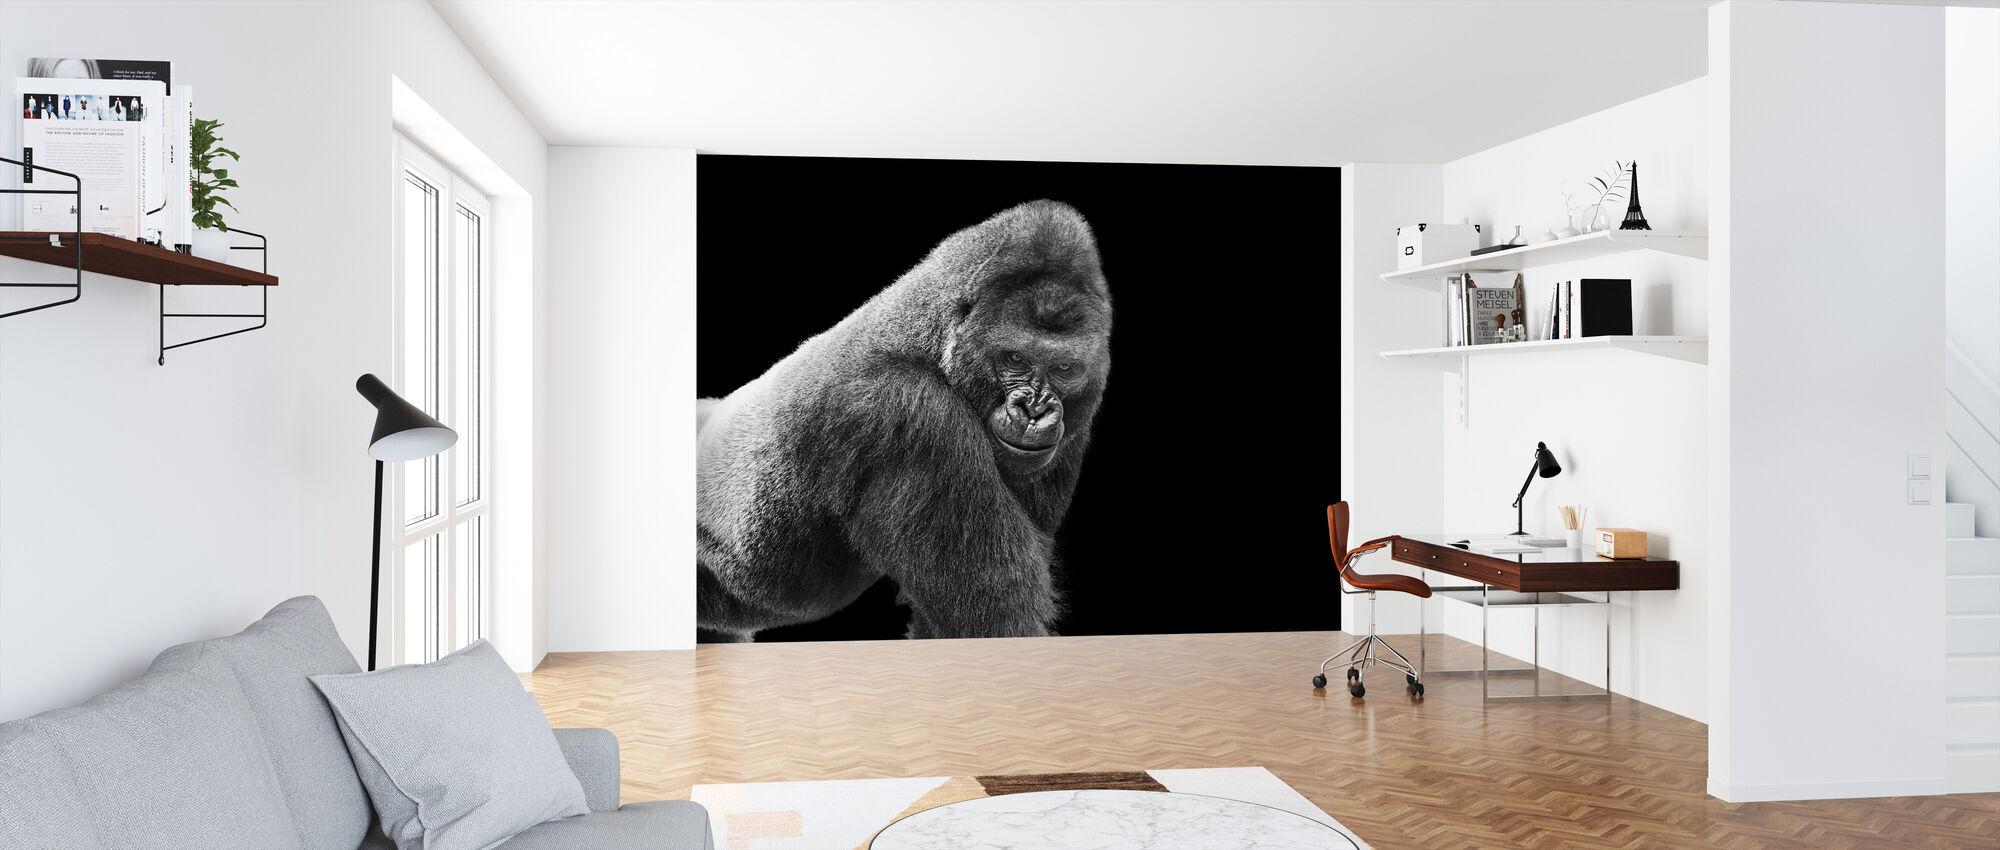 Adult Gorilla - Wallpaper - Office